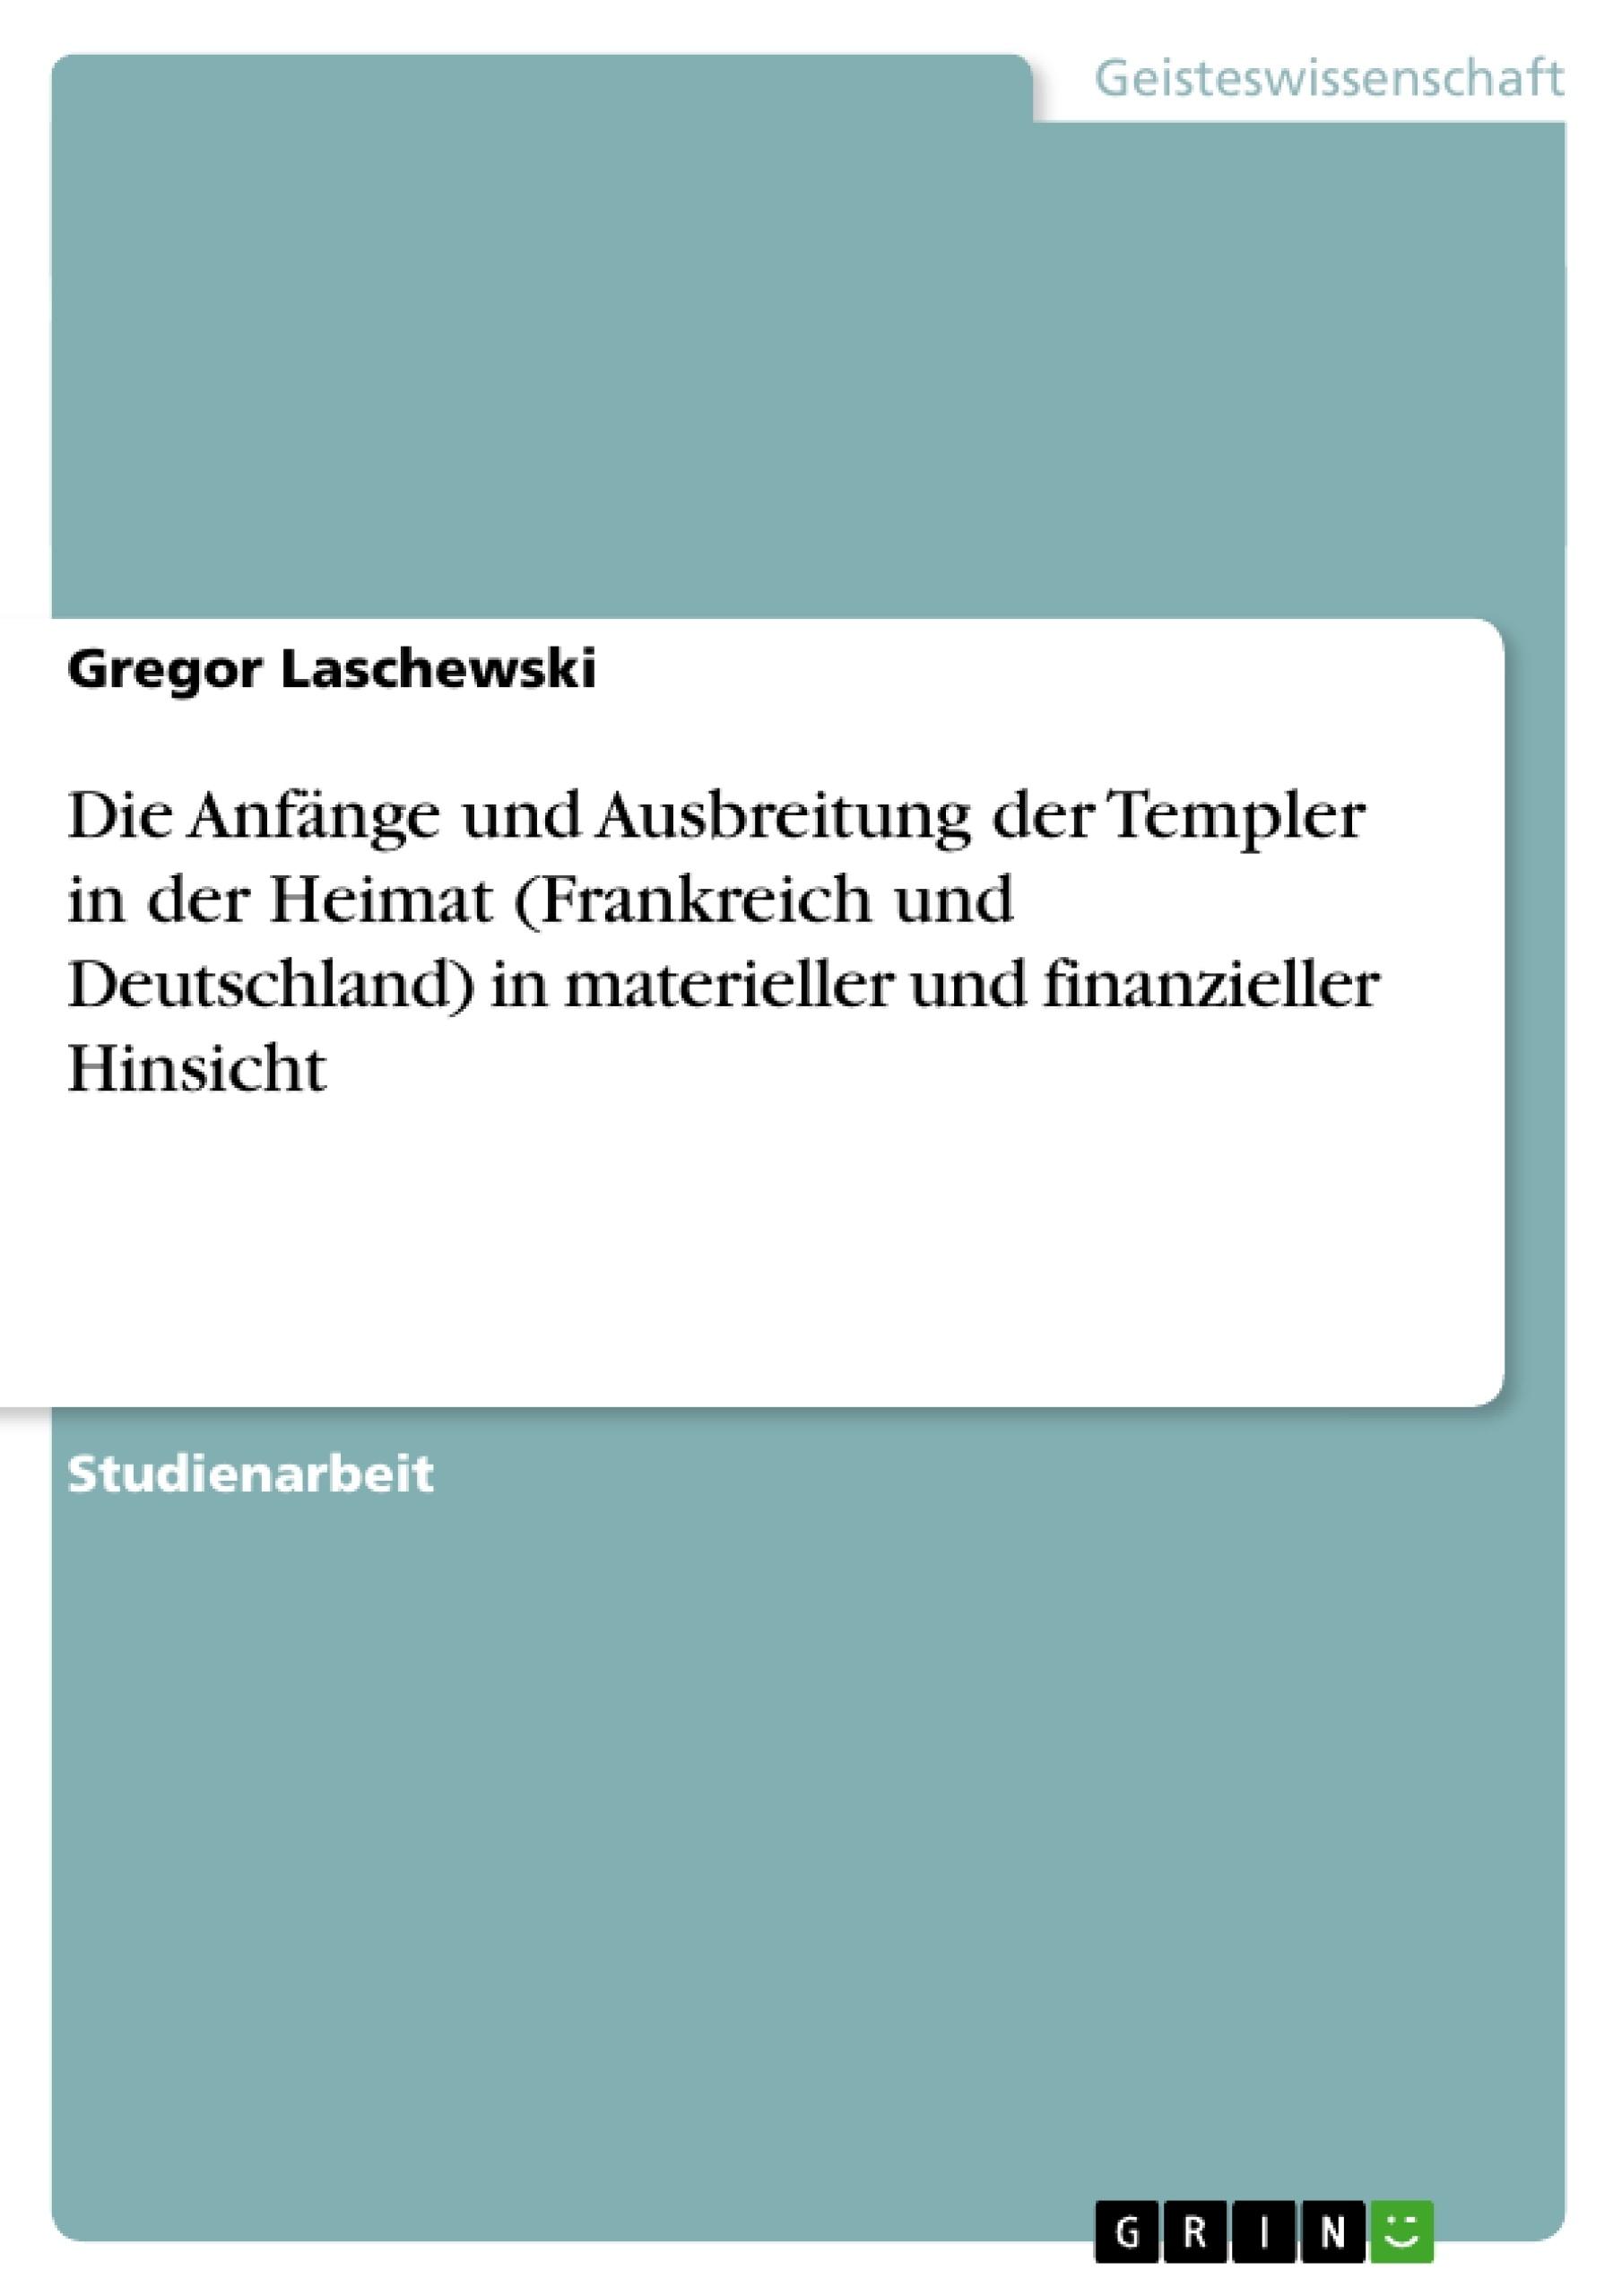 Titel: Die Anfänge und Ausbreitung der Templer in der Heimat (Frankreich und Deutschland) in materieller und finanzieller Hinsicht